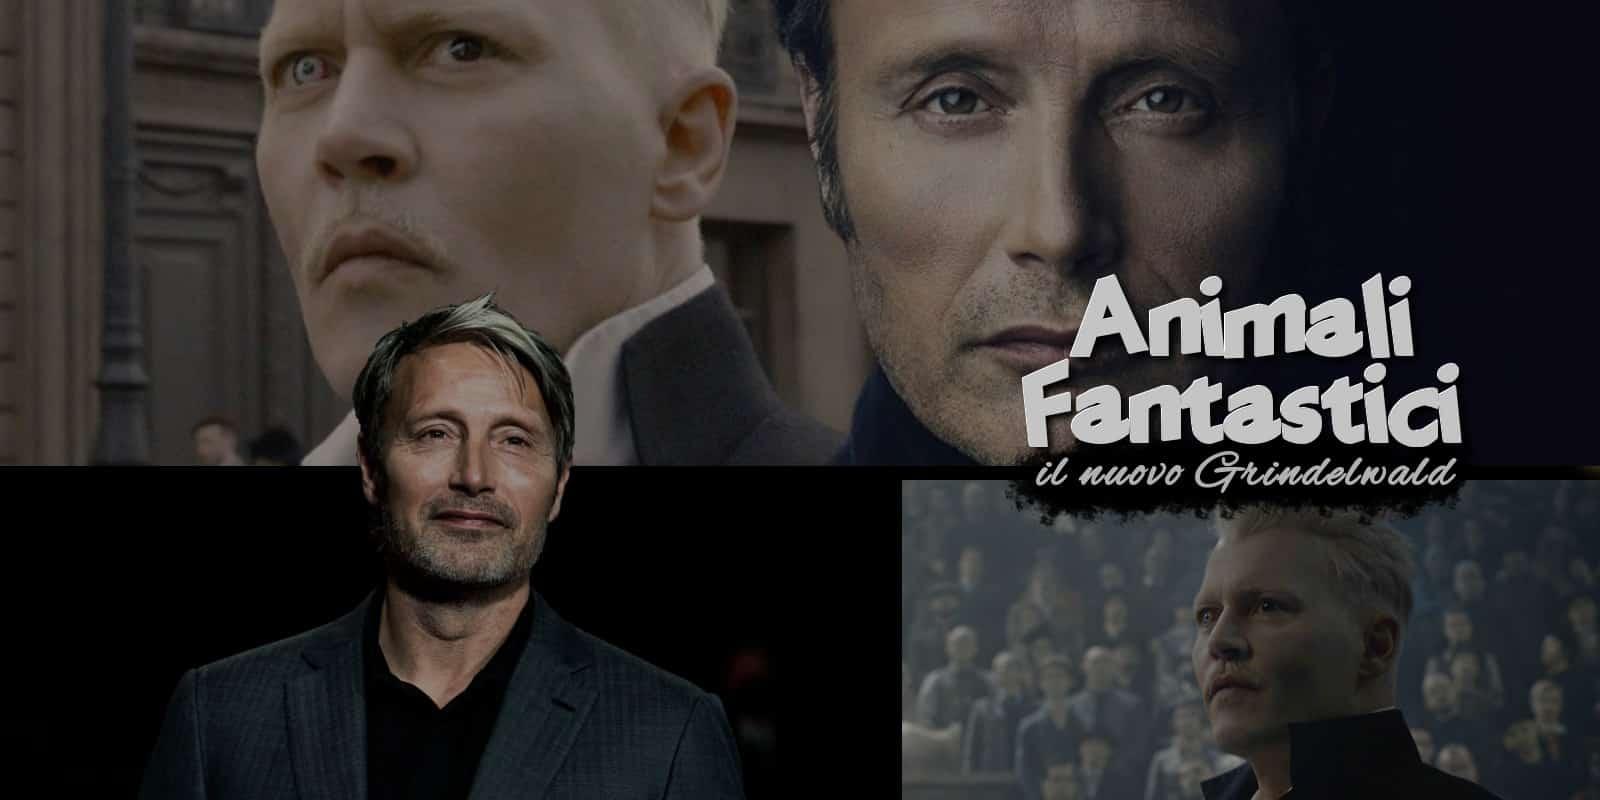 Animali fantastici: parla Mikkelsen, Johnny Depp magistrale